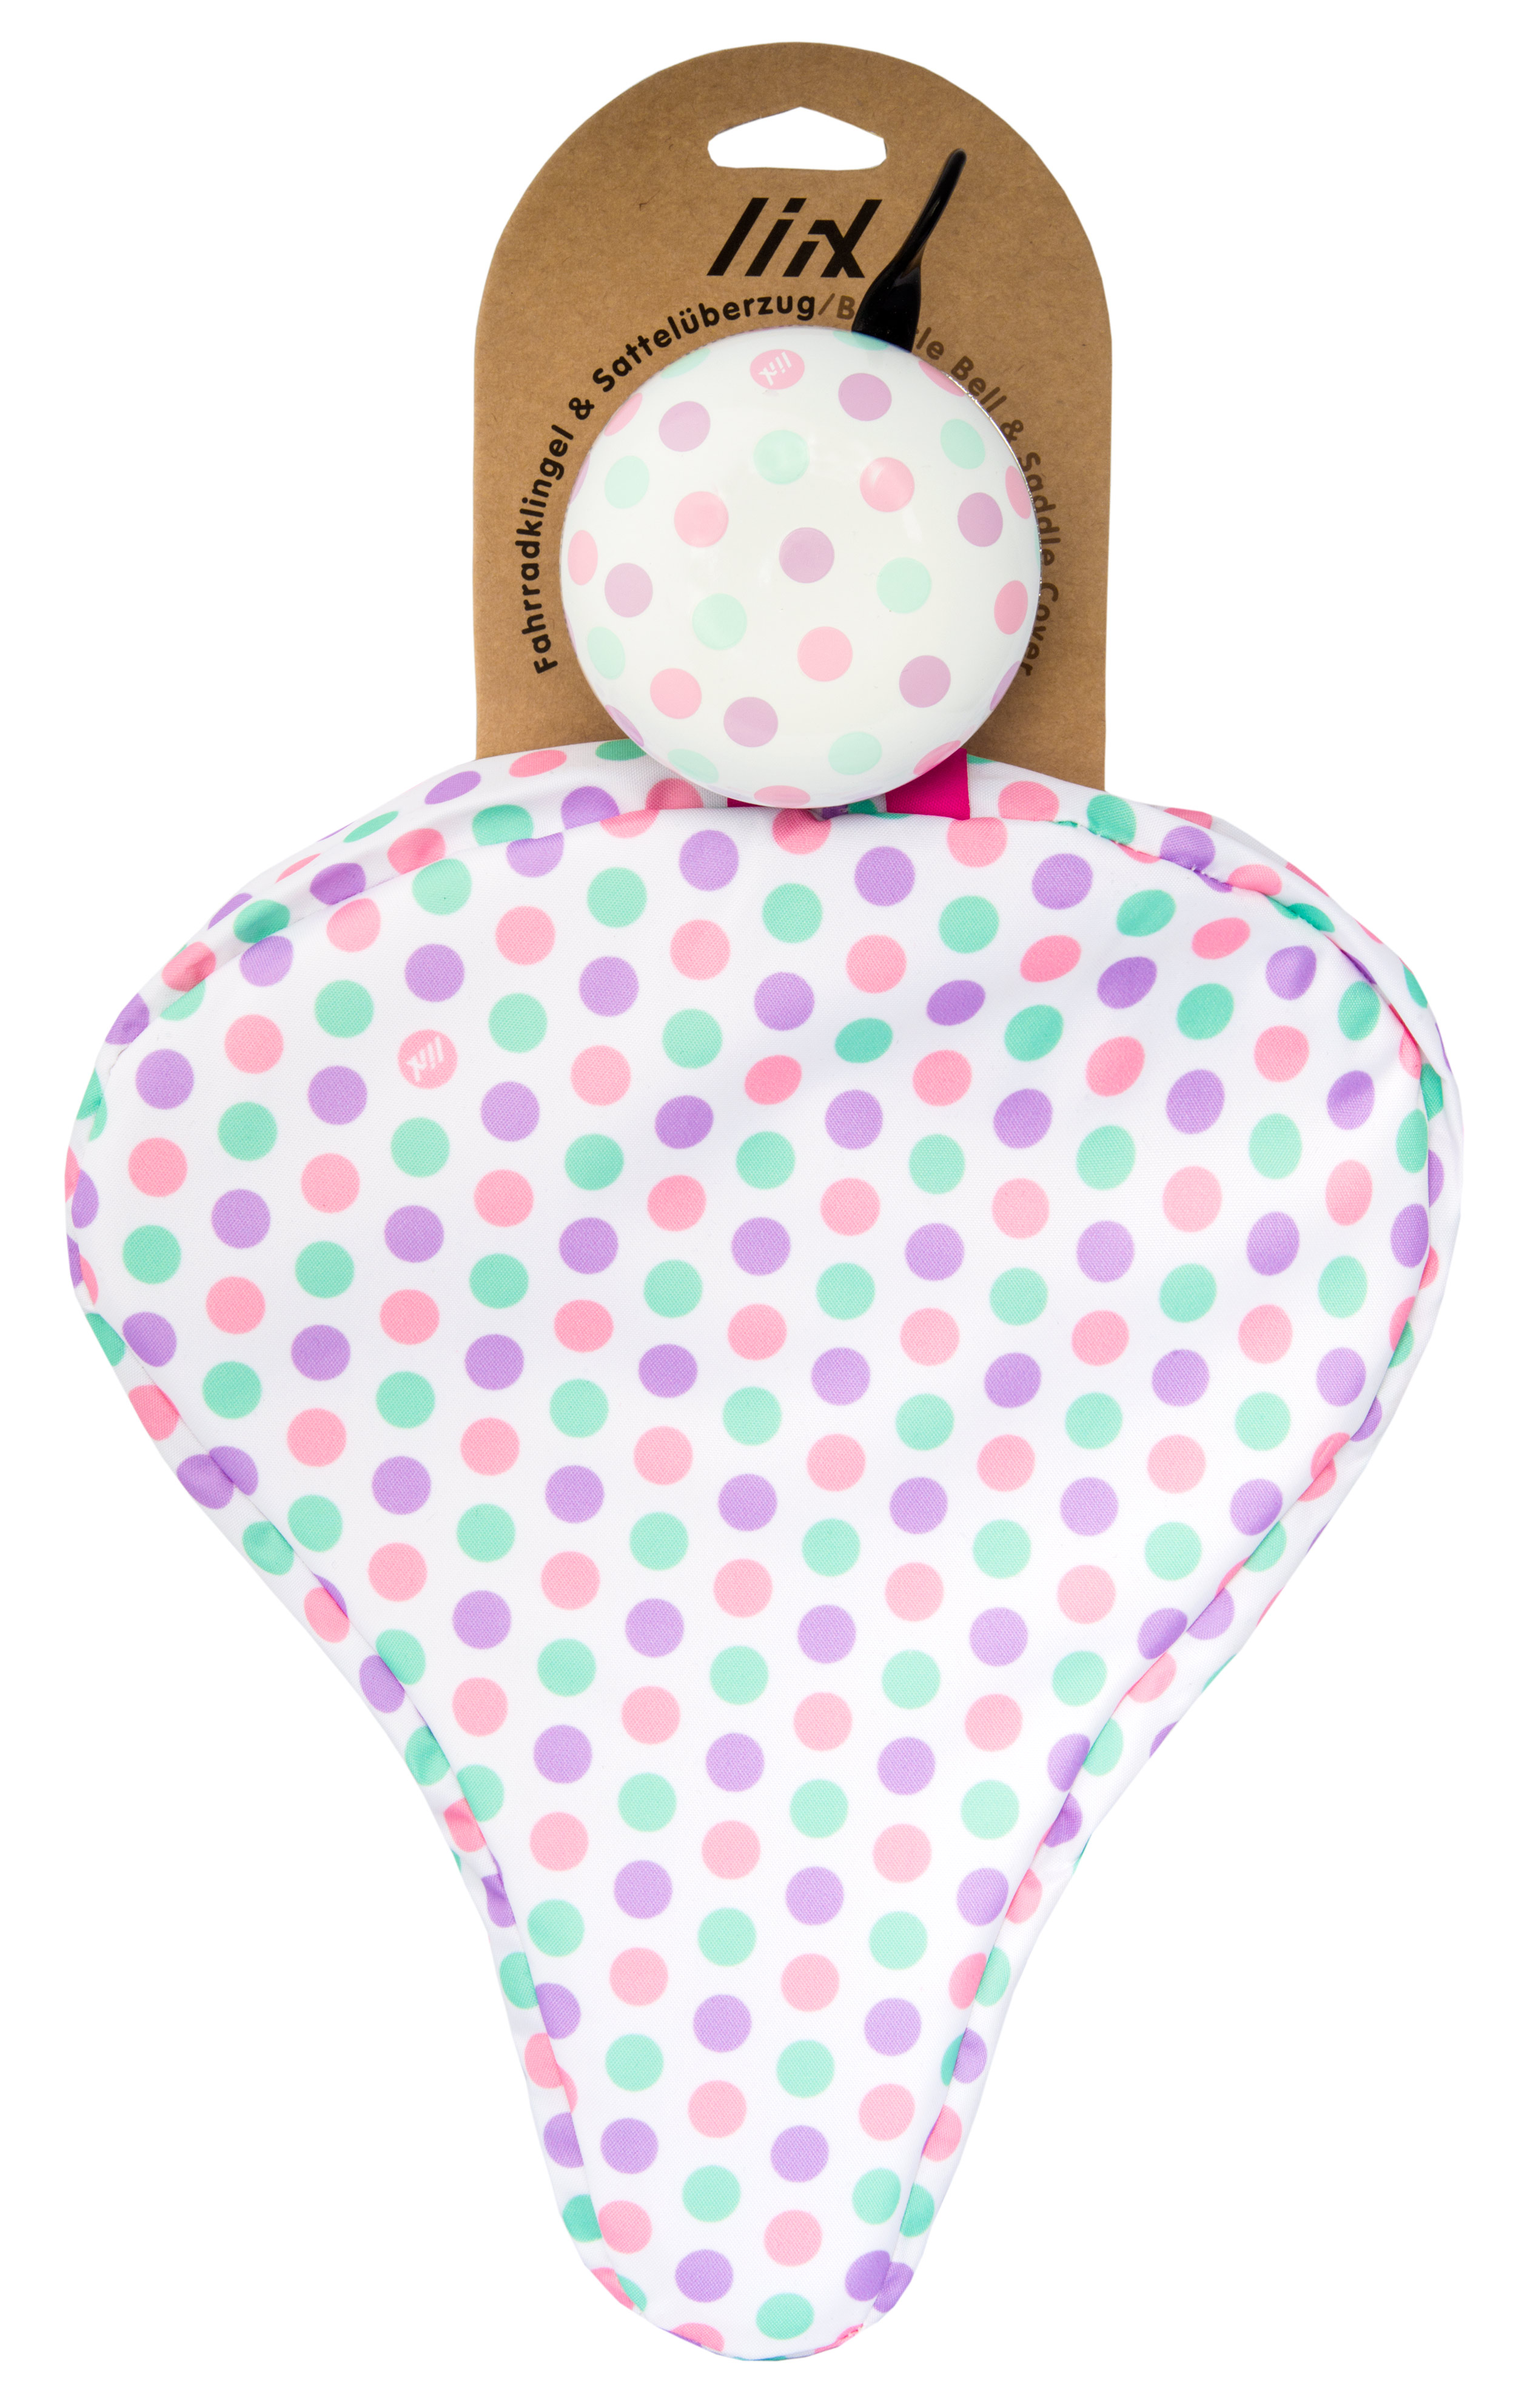 Liix Beauty Set Polka Big Dots Pastel Mix